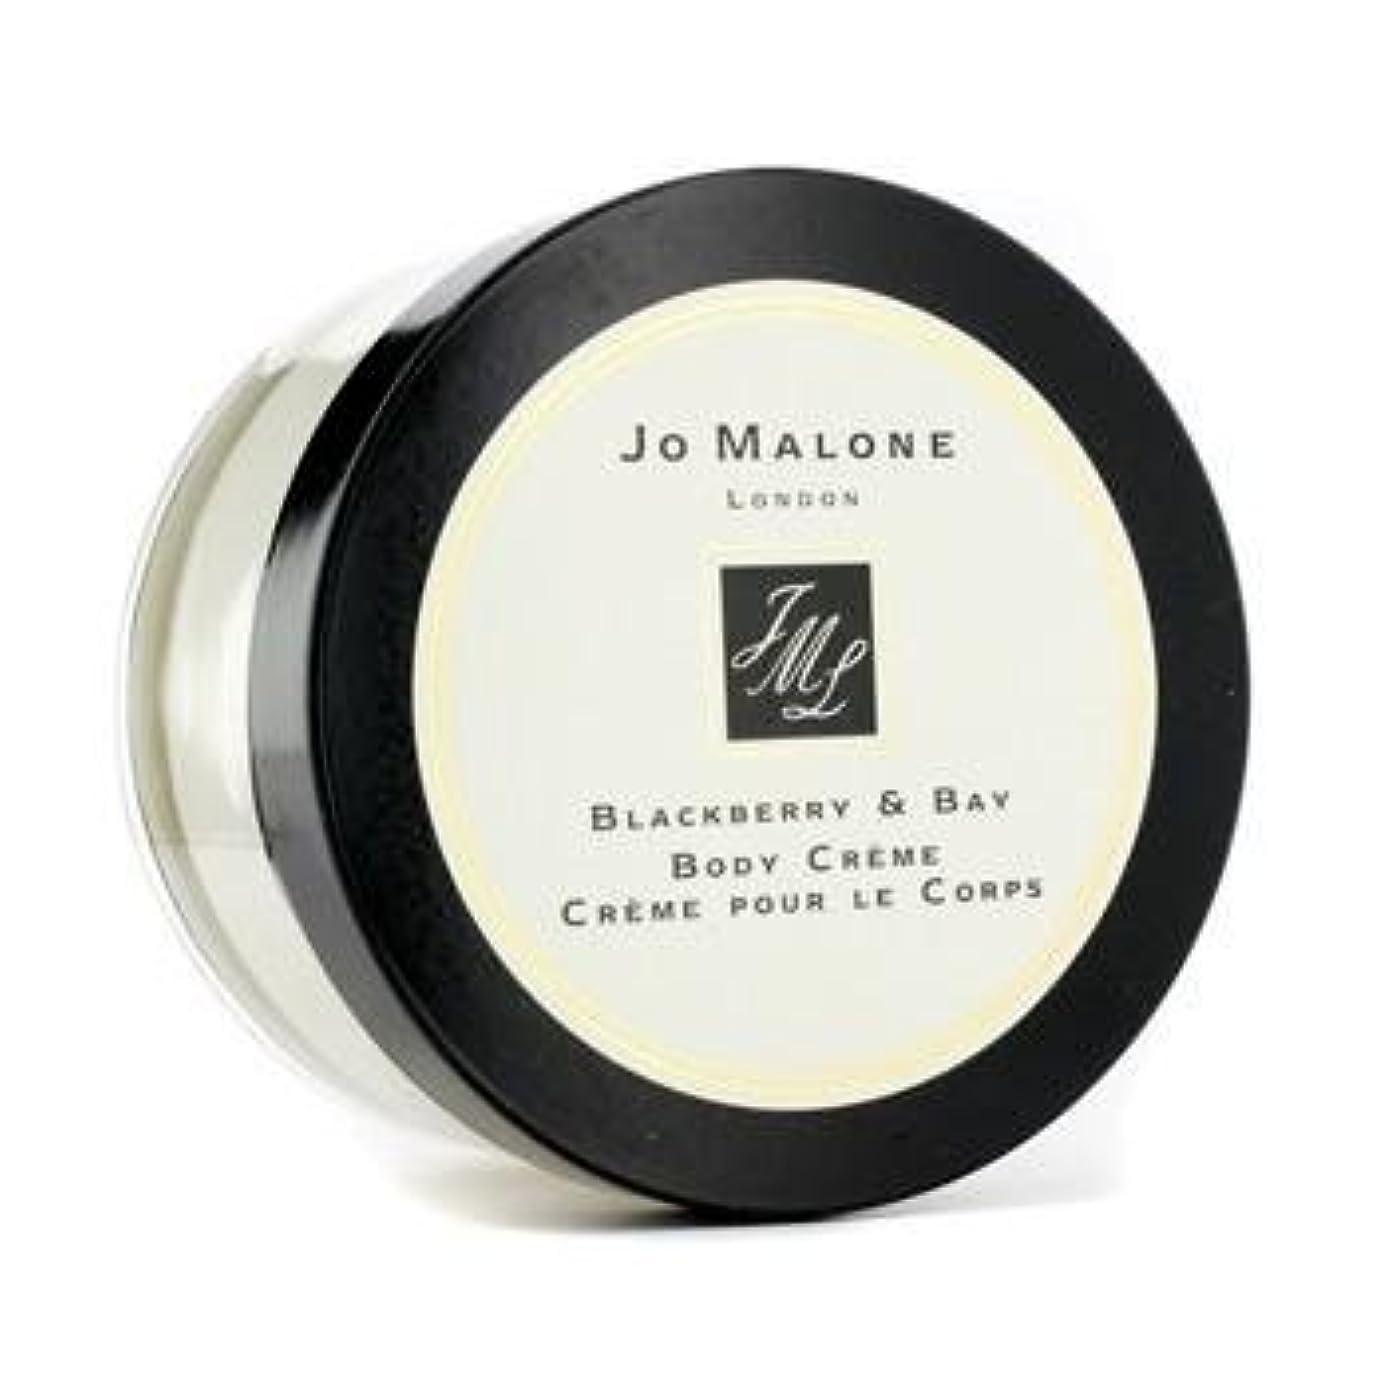 刺激する無効にする規模JO MALONE ジョー マローン ブラックベリー & ベイ ボディクリーム 175ml [並行輸入品]